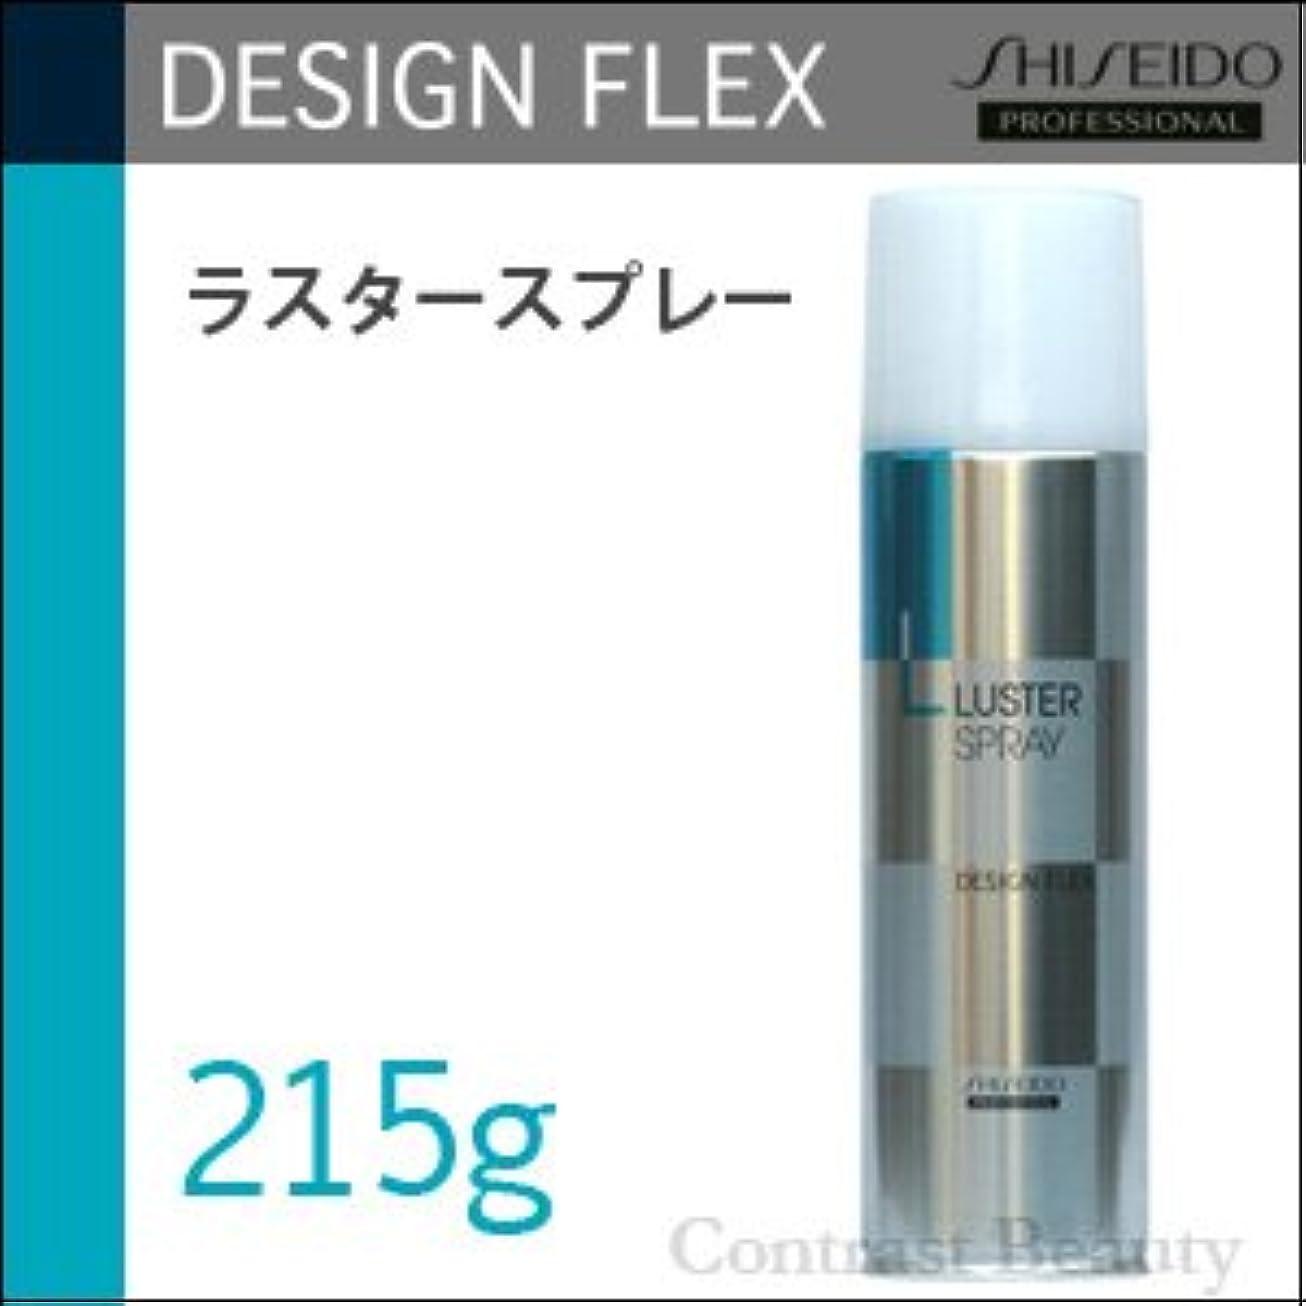 噴火スポンサー今後【x2個セット】 資生堂 デザインフレックス ラスタースプレー 215g